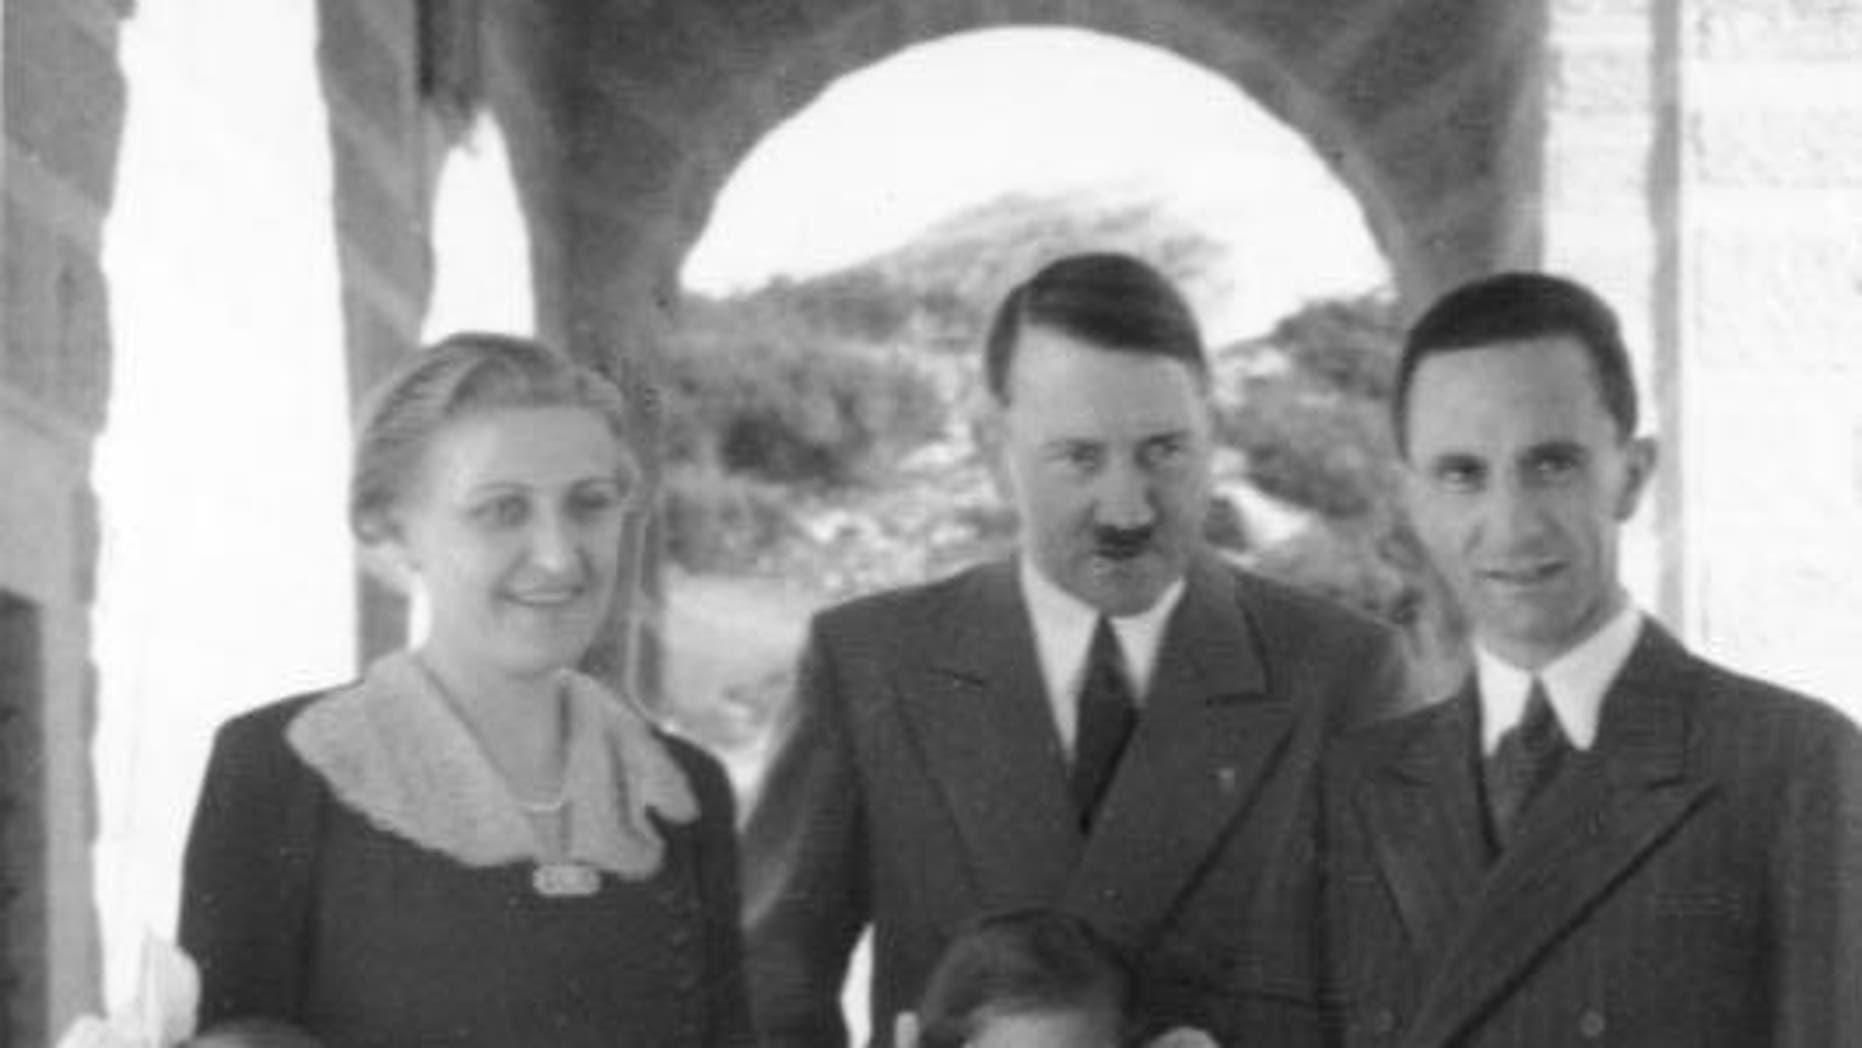 Magda Goebbels, left, Adolf Hitler and Joseph Goebbels in 1938.